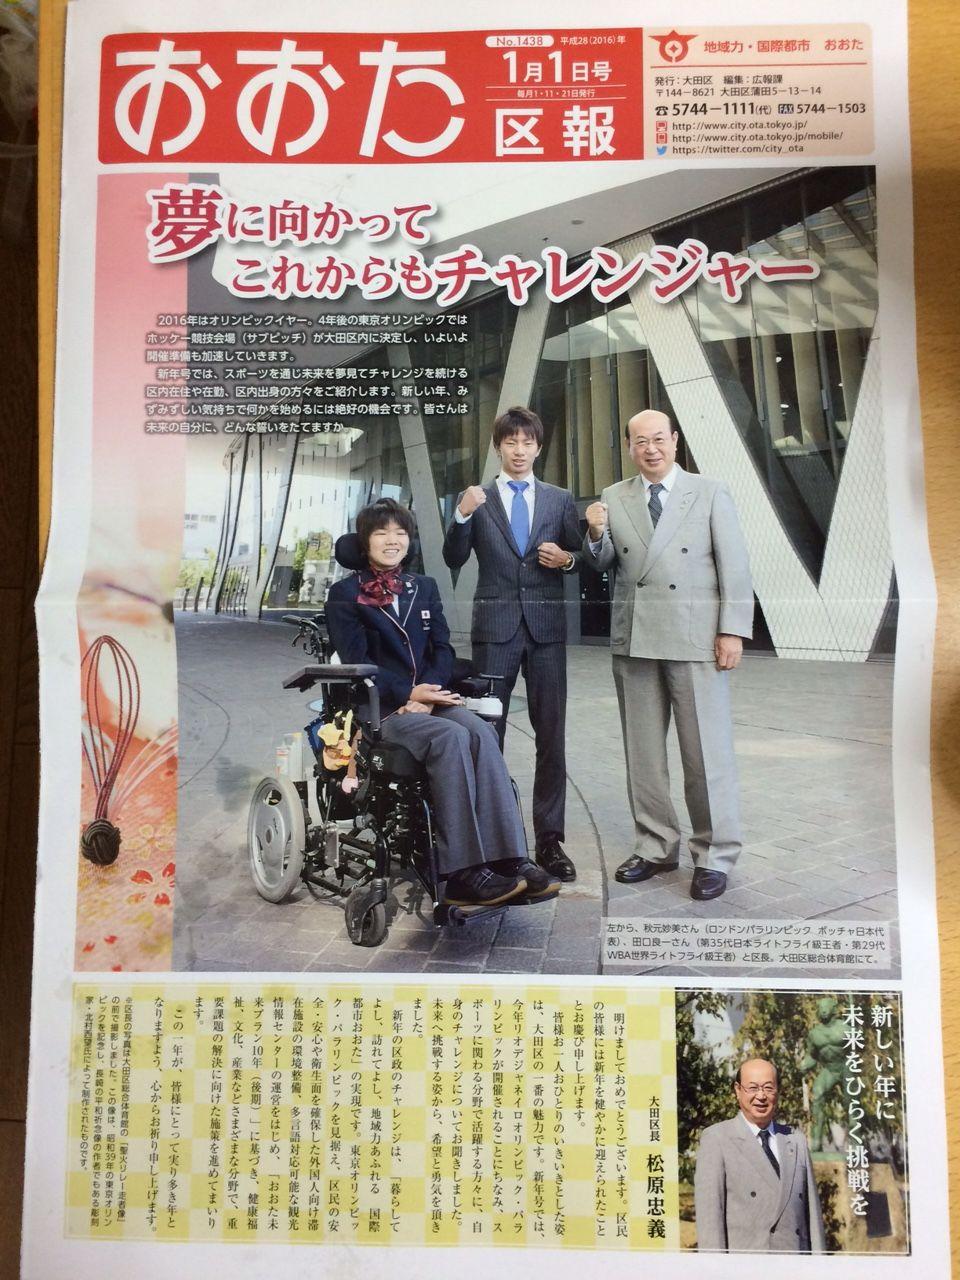 大田区ボクシング連盟  おおた区報に本教室出身の世界チャンピオン、田口良一選手が掲載されましたコメント